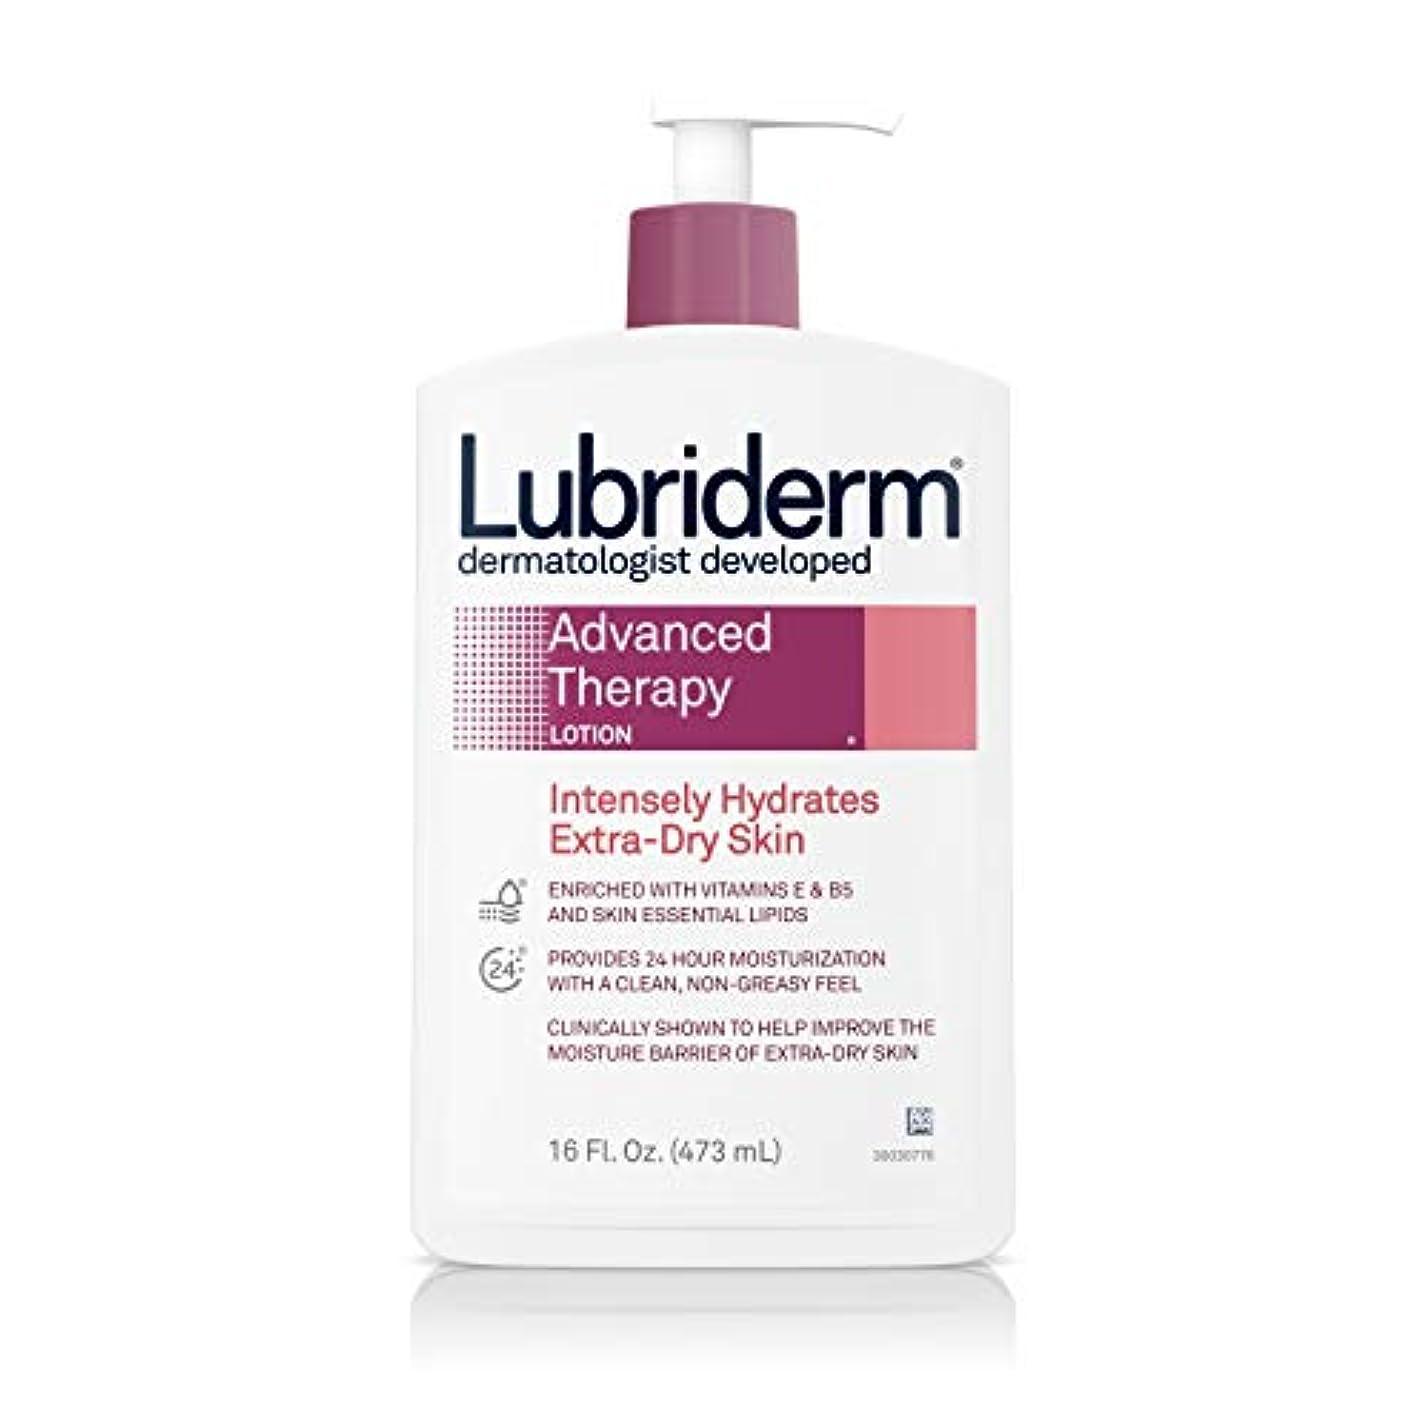 変色する尾過剰Lubriderm Advanced Therapy Lotion 472 ml (並行輸入品)